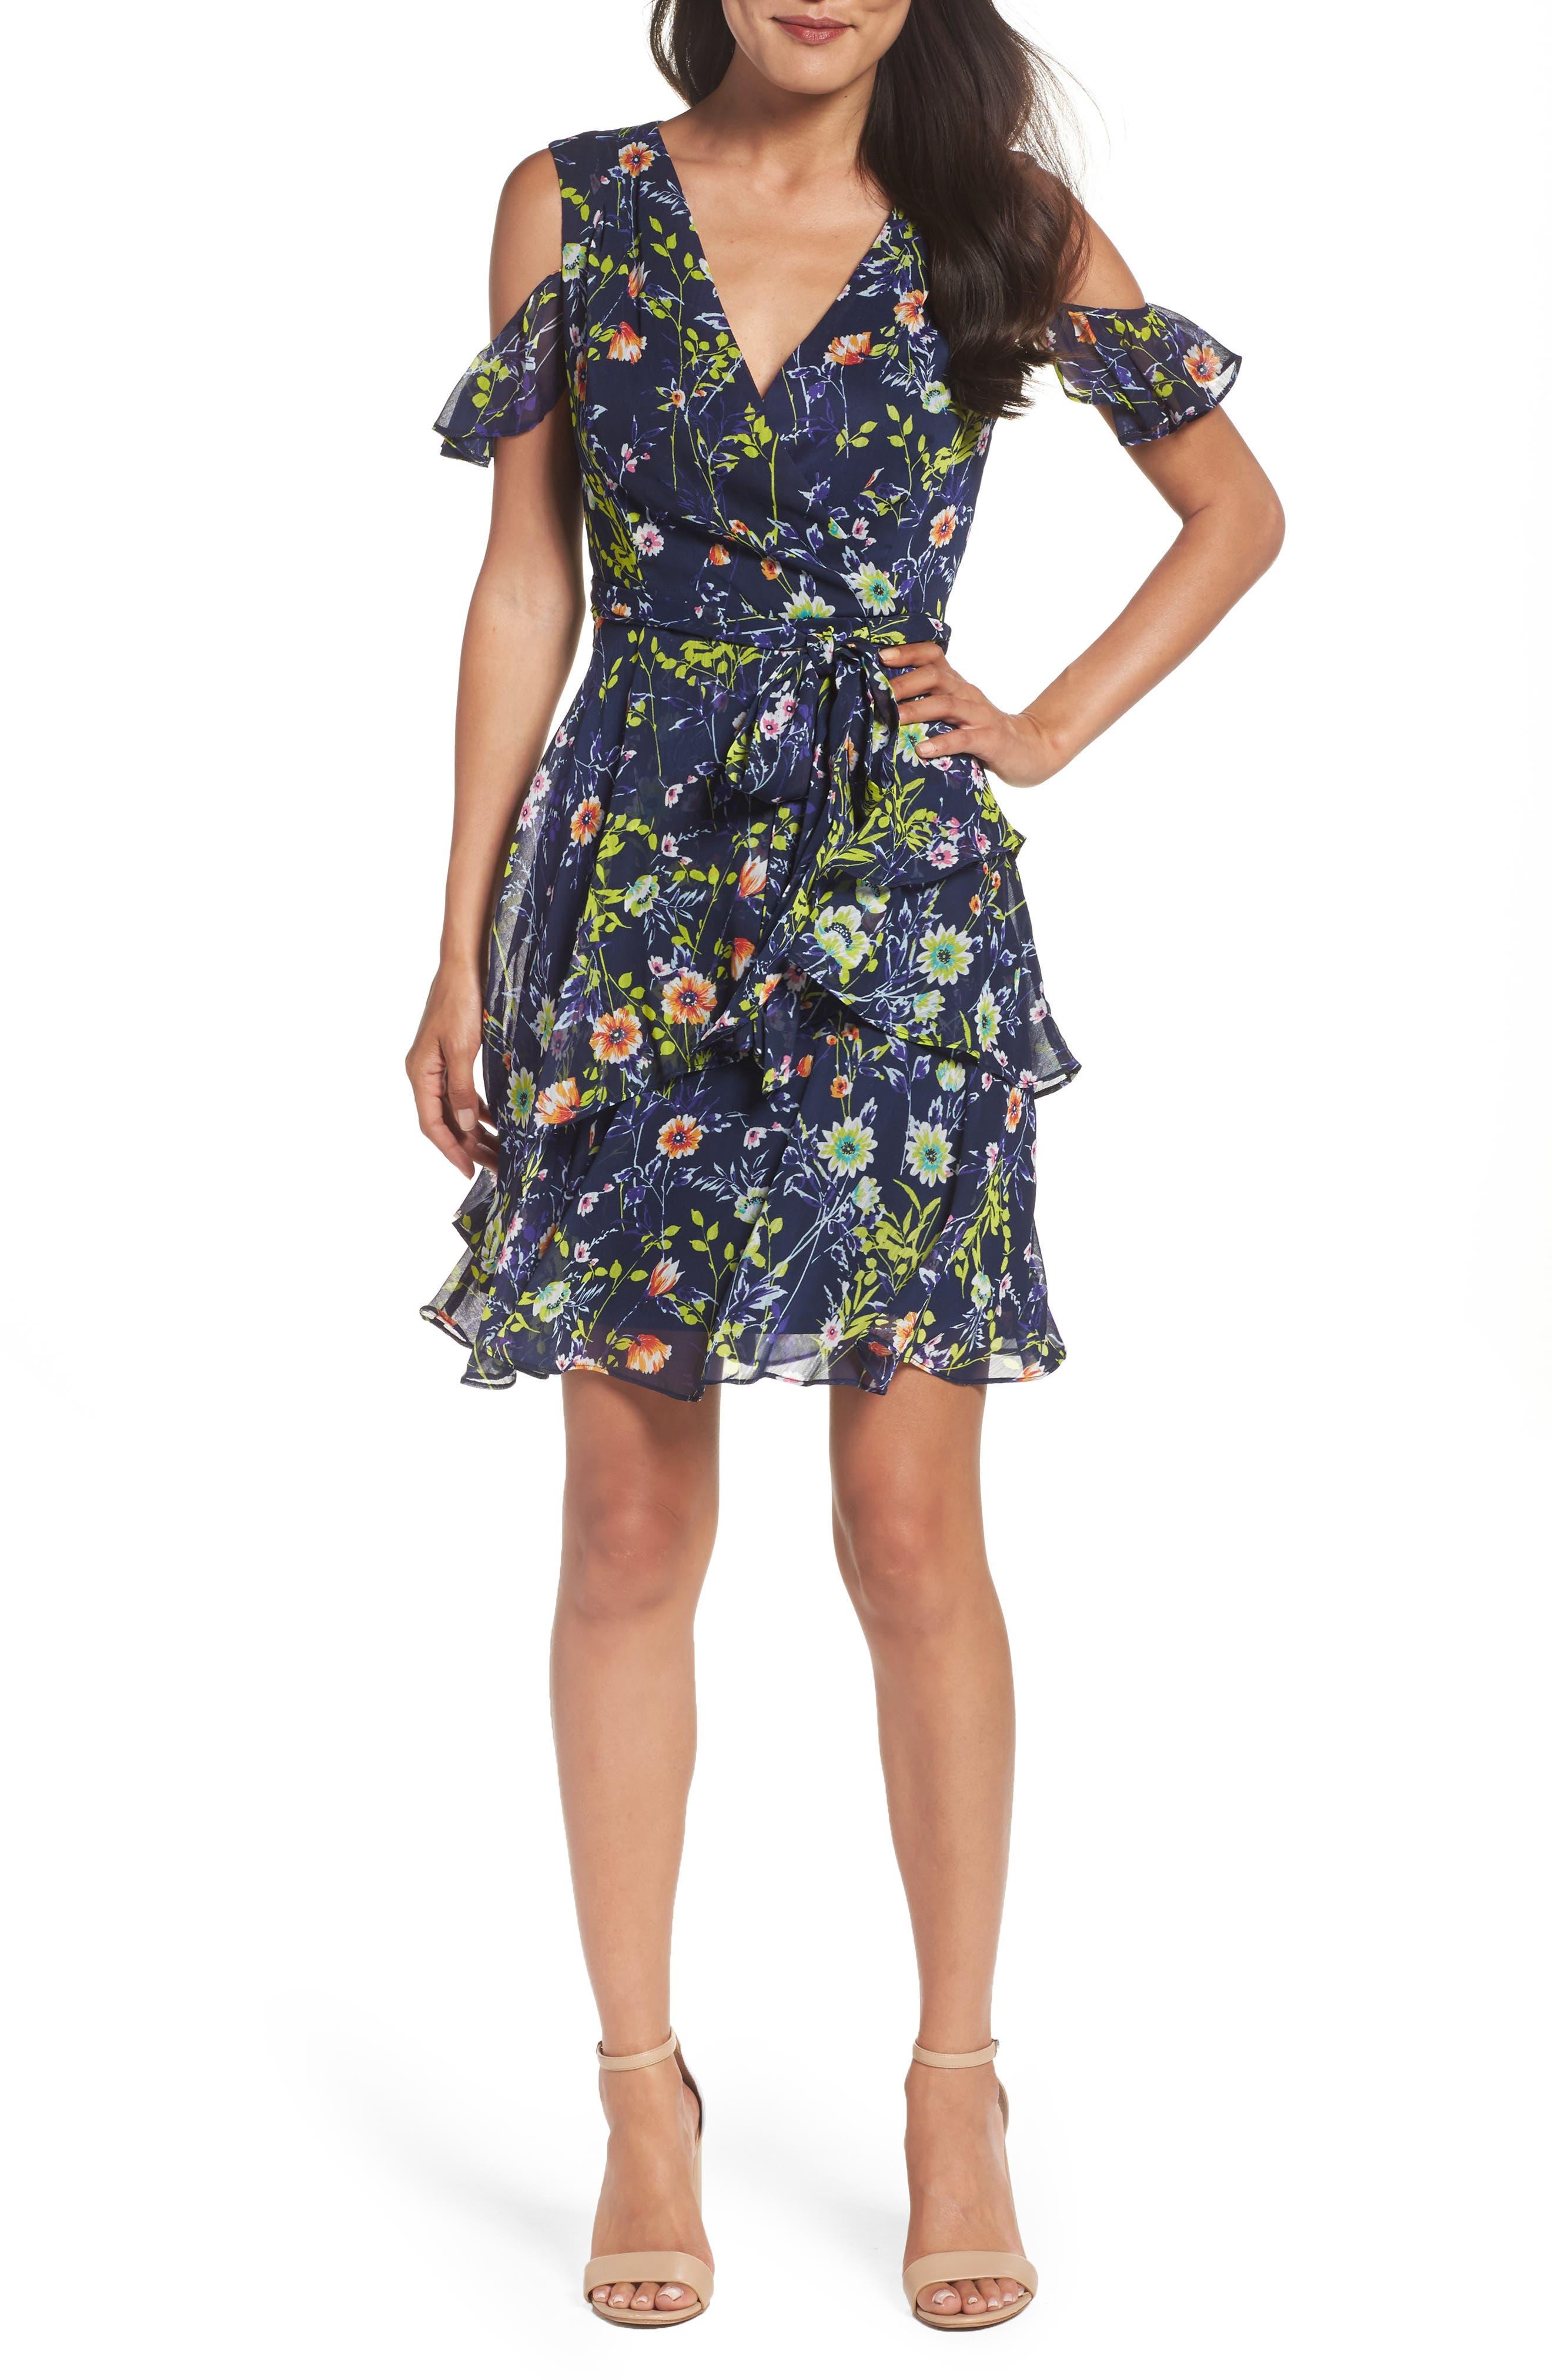 Alternate Image 1 Selected - Tahari Cold Shoulder Chiffon Dress (Regular & Petite)